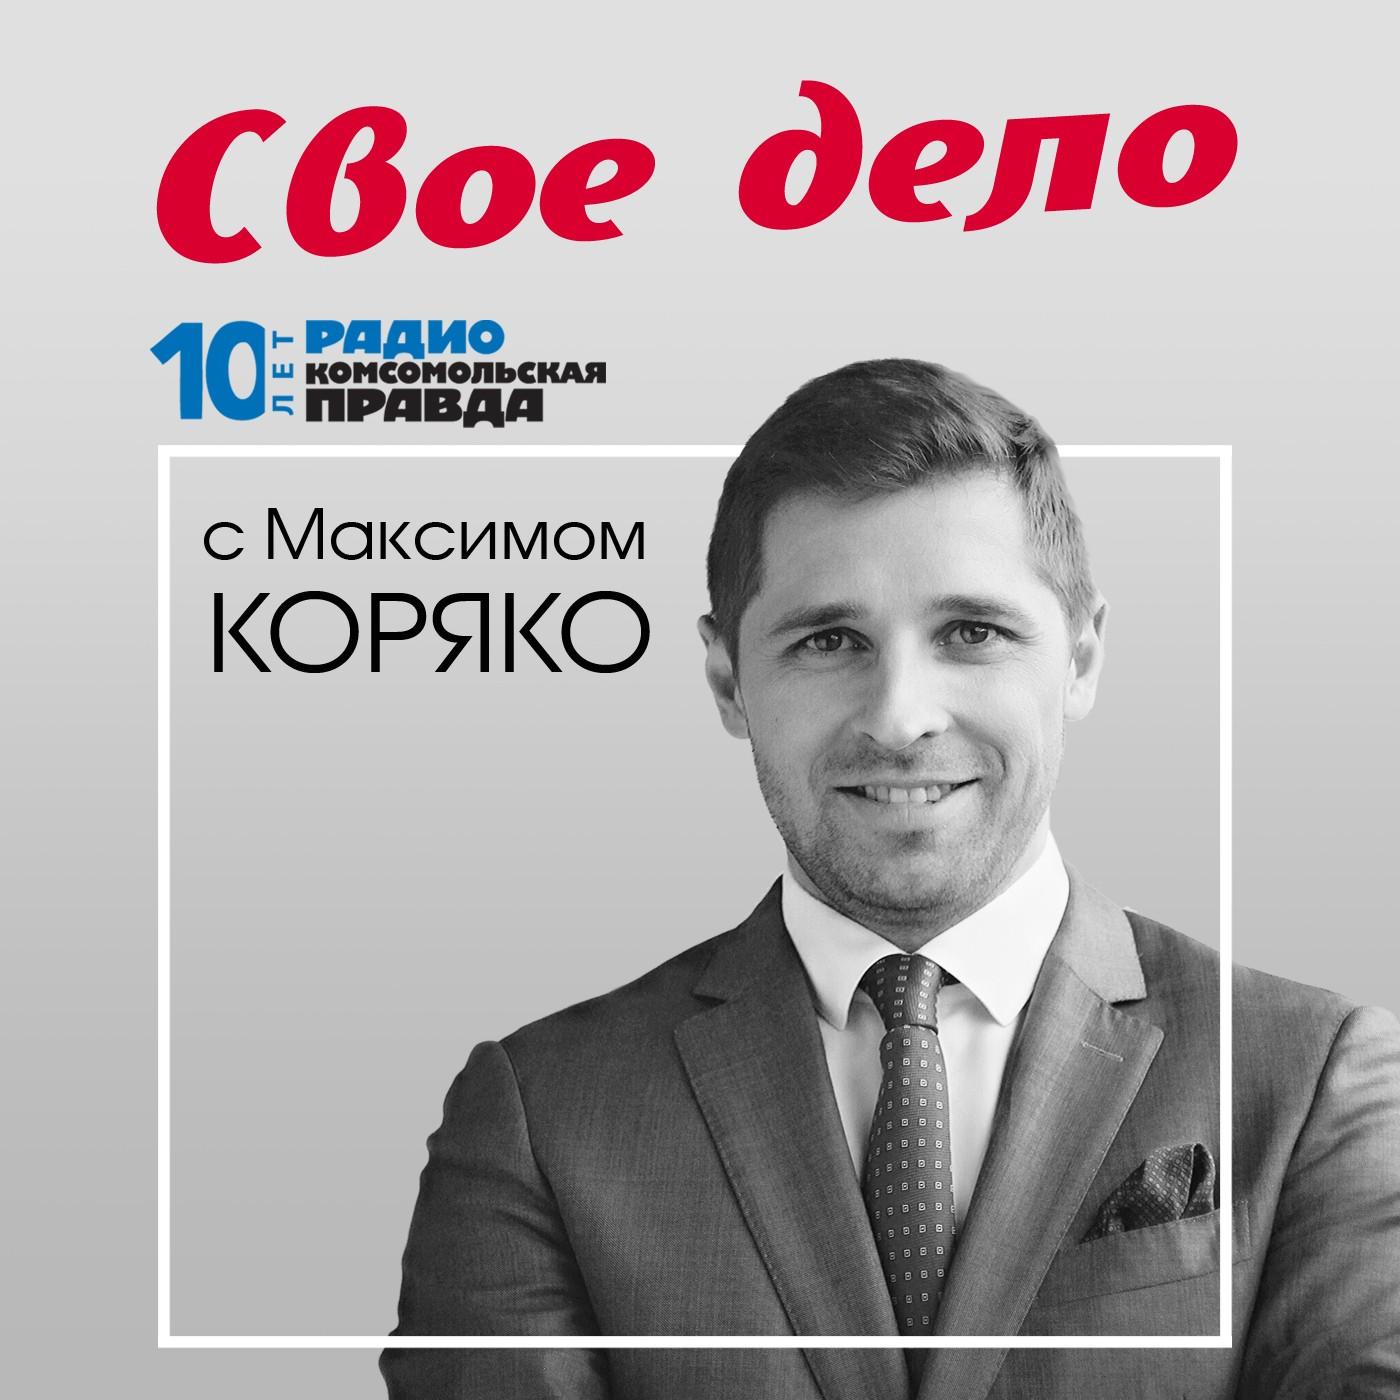 Радио «Комсомольская правда» Сколько стоят кредиты для бизнеса